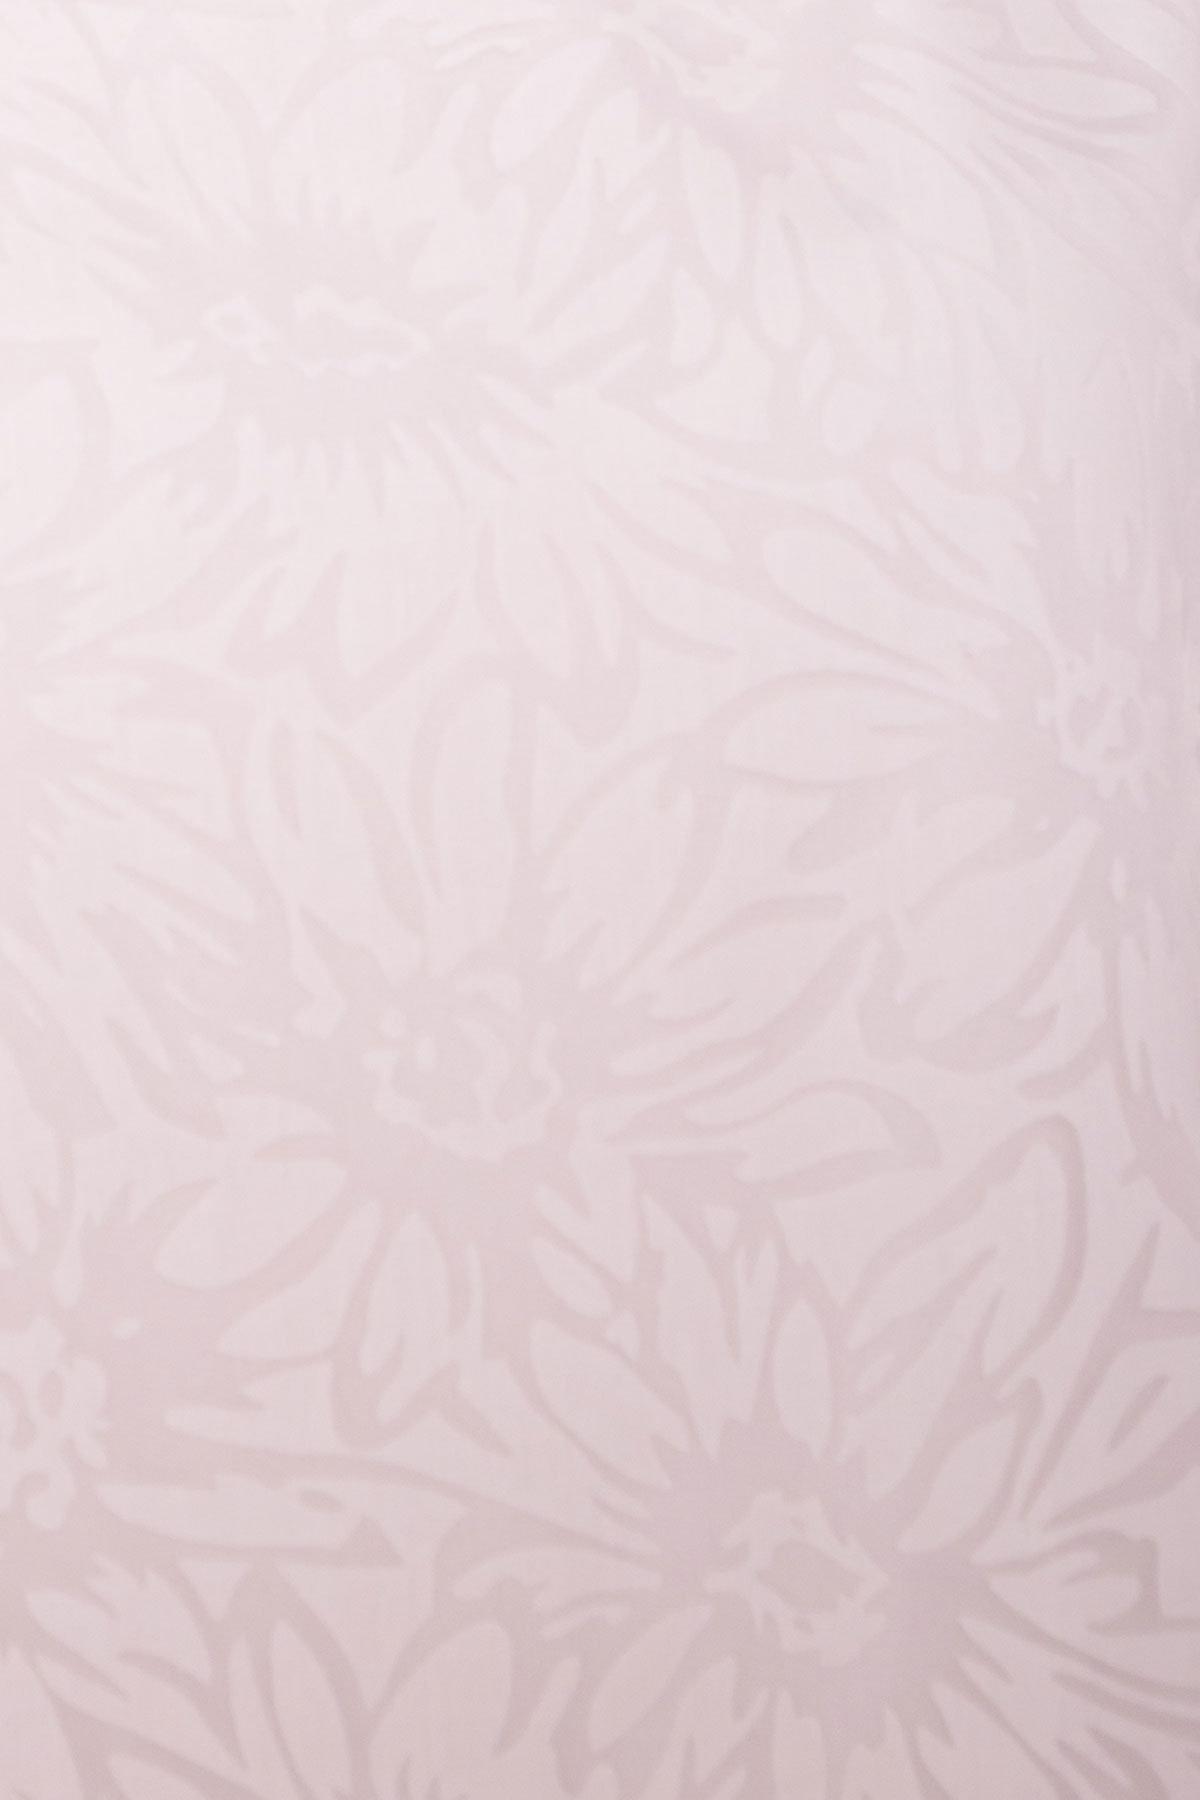 Платье Манила 6978 АРТ. 42369 Цвет: Молоко/мушка/Молоко - фото 4, интернет магазин tm-modus.ru